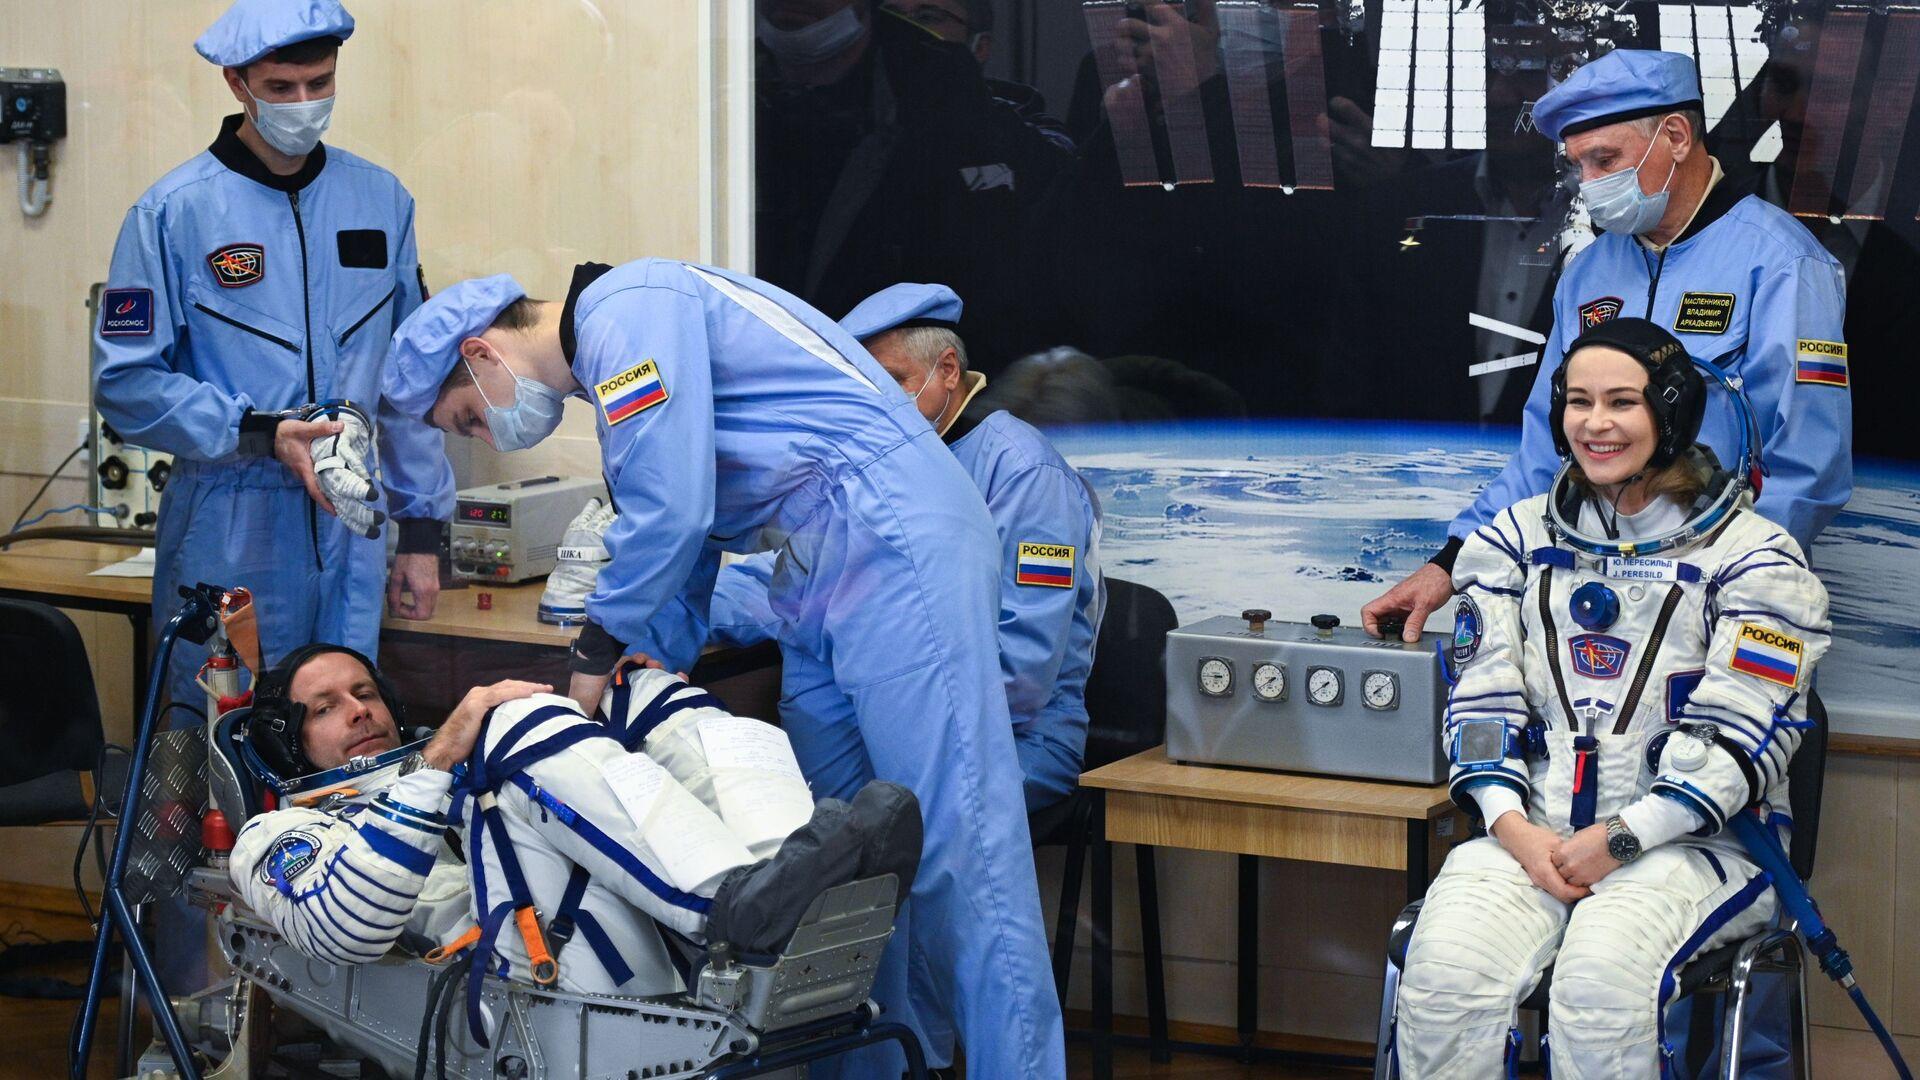 Nữ diễn viên Yulia Peresild và đạo diễn Klim Shipenko mặc bộ đồ vũ trụ trước khi phóng tàu vũ trụ Soyuz MS-19 tại sân bay vũ trụ Baikonur - Sputnik Việt Nam, 1920, 05.10.2021